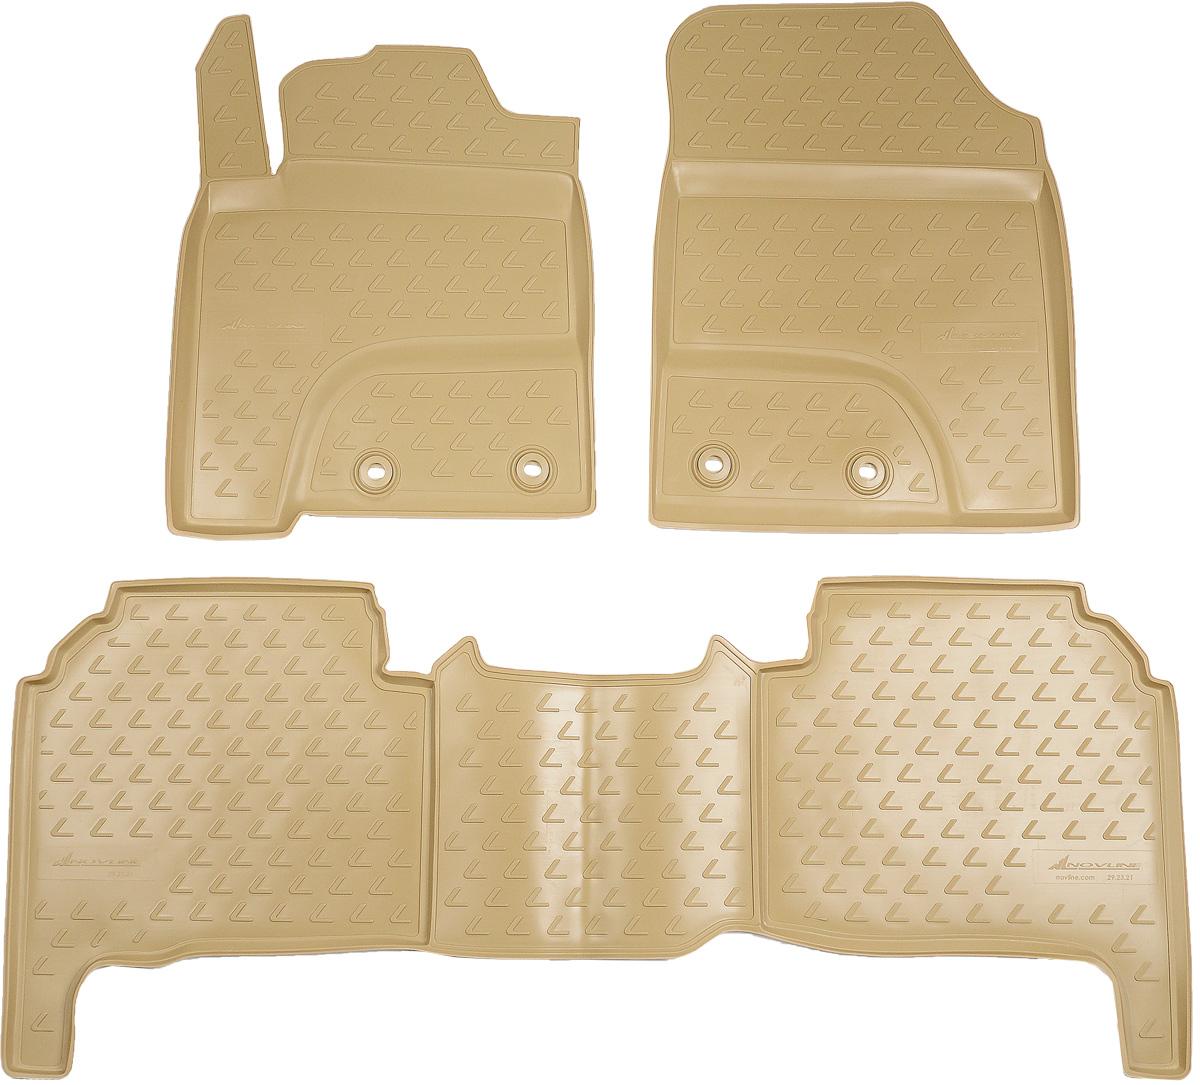 Коврики в салон автомобиля Novline-Autofamily, для Lexus LX570 2012->, 5 мест, 3 штNLC.29.20.212kКоврики в салон Novline-Autofamily не только улучшат внешний вид салона вашего автомобиля, но и надежно уберегут его от пыли, грязи и сырости, а значит, защитят кузов от коррозии. Полиуретановые коврики для автомобиля гладкие, приятные и не пропускают влагу. Автомобильные коврики в салон учитывают все особенности каждой модели и полностью повторяют контуры пола. Благодаря этому их не нужно будет подгибать или обрезать. И самое главное - они не будут мешать педалям.Полиуретановые автомобильные коврики для салона произведены из высококачественного материала, который держит форму и не пачкает обувь. К тому же, этот материал очень прочный (его, к примеру, не получится проткнуть каблуком).Некоторые автоковрики становятся источником неприятного запаха в автомобиле. С полиуретановыми ковриками Novline-Autofamily вы можете этого не бояться.Коврики для автомобилей надежно крепятся на полу и не скользят, что очень важно во время движения, особенно для водителя.Коврики из полиуретана надежно удерживают грязь и влагу, при этом всегда выглядят довольно опрятно. И чистятся они очень просто: как при помощи автомобильного пылесоса, так и различными моющими средствами.